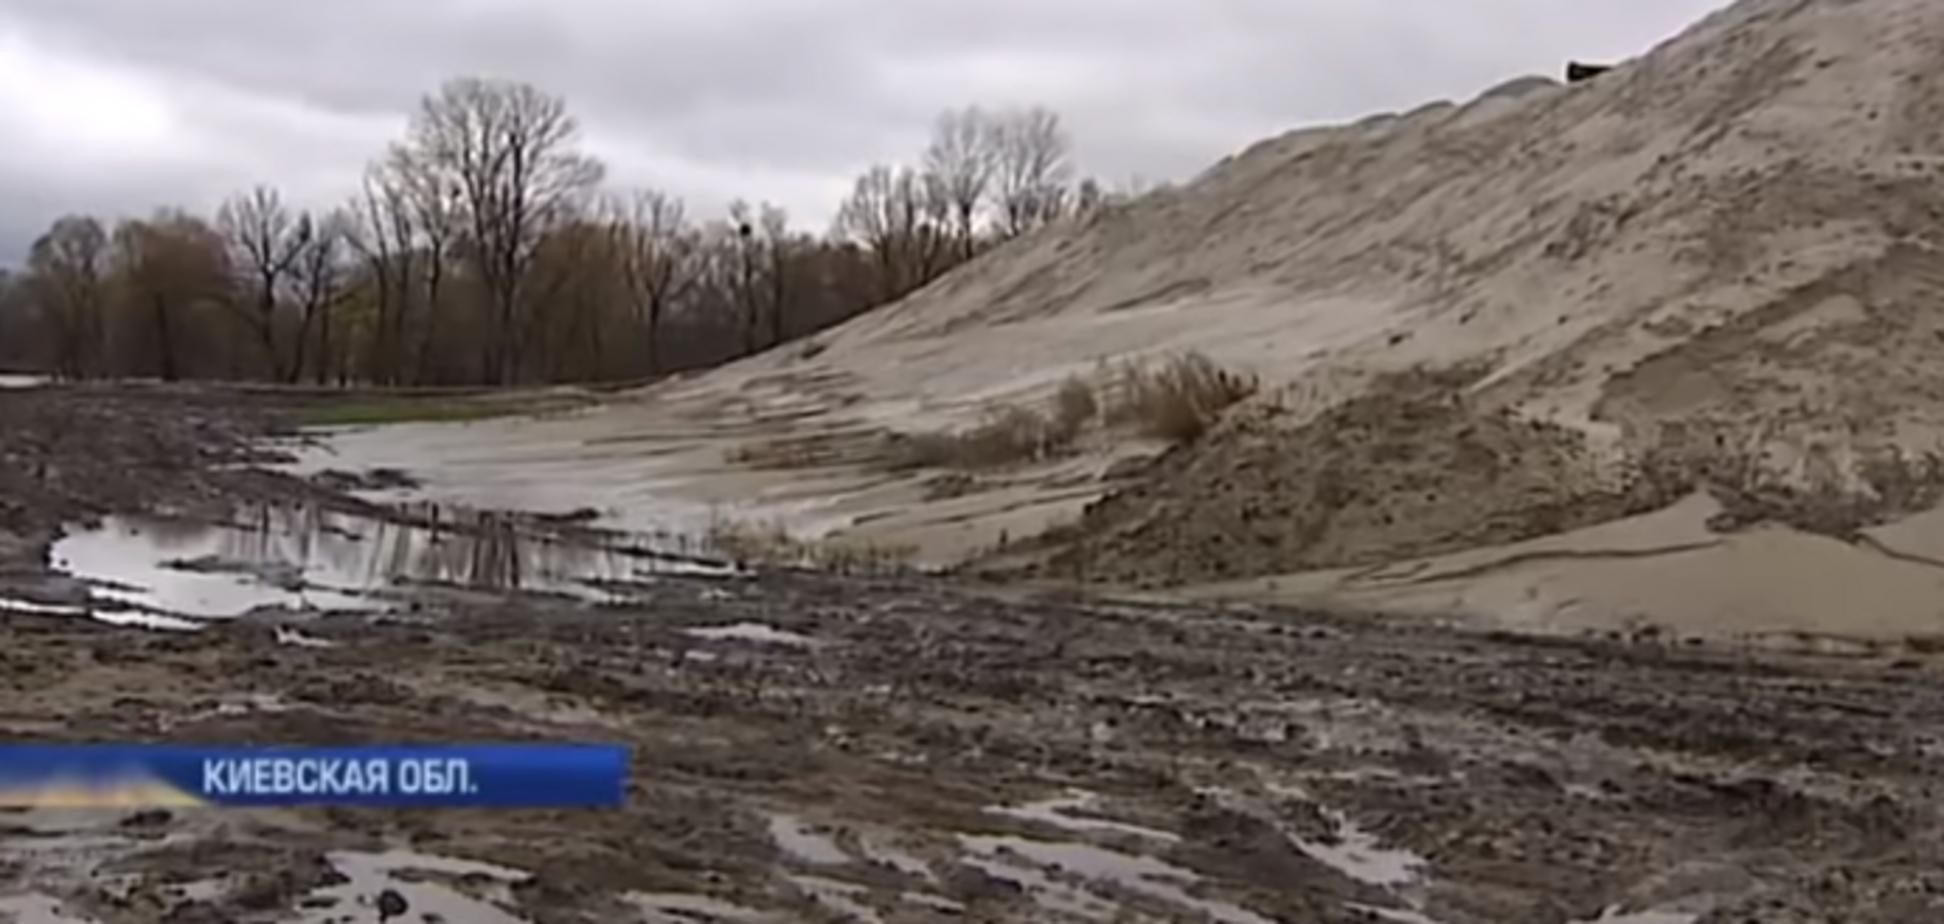 Добыча песка, Киев, Погребы, Киевская область